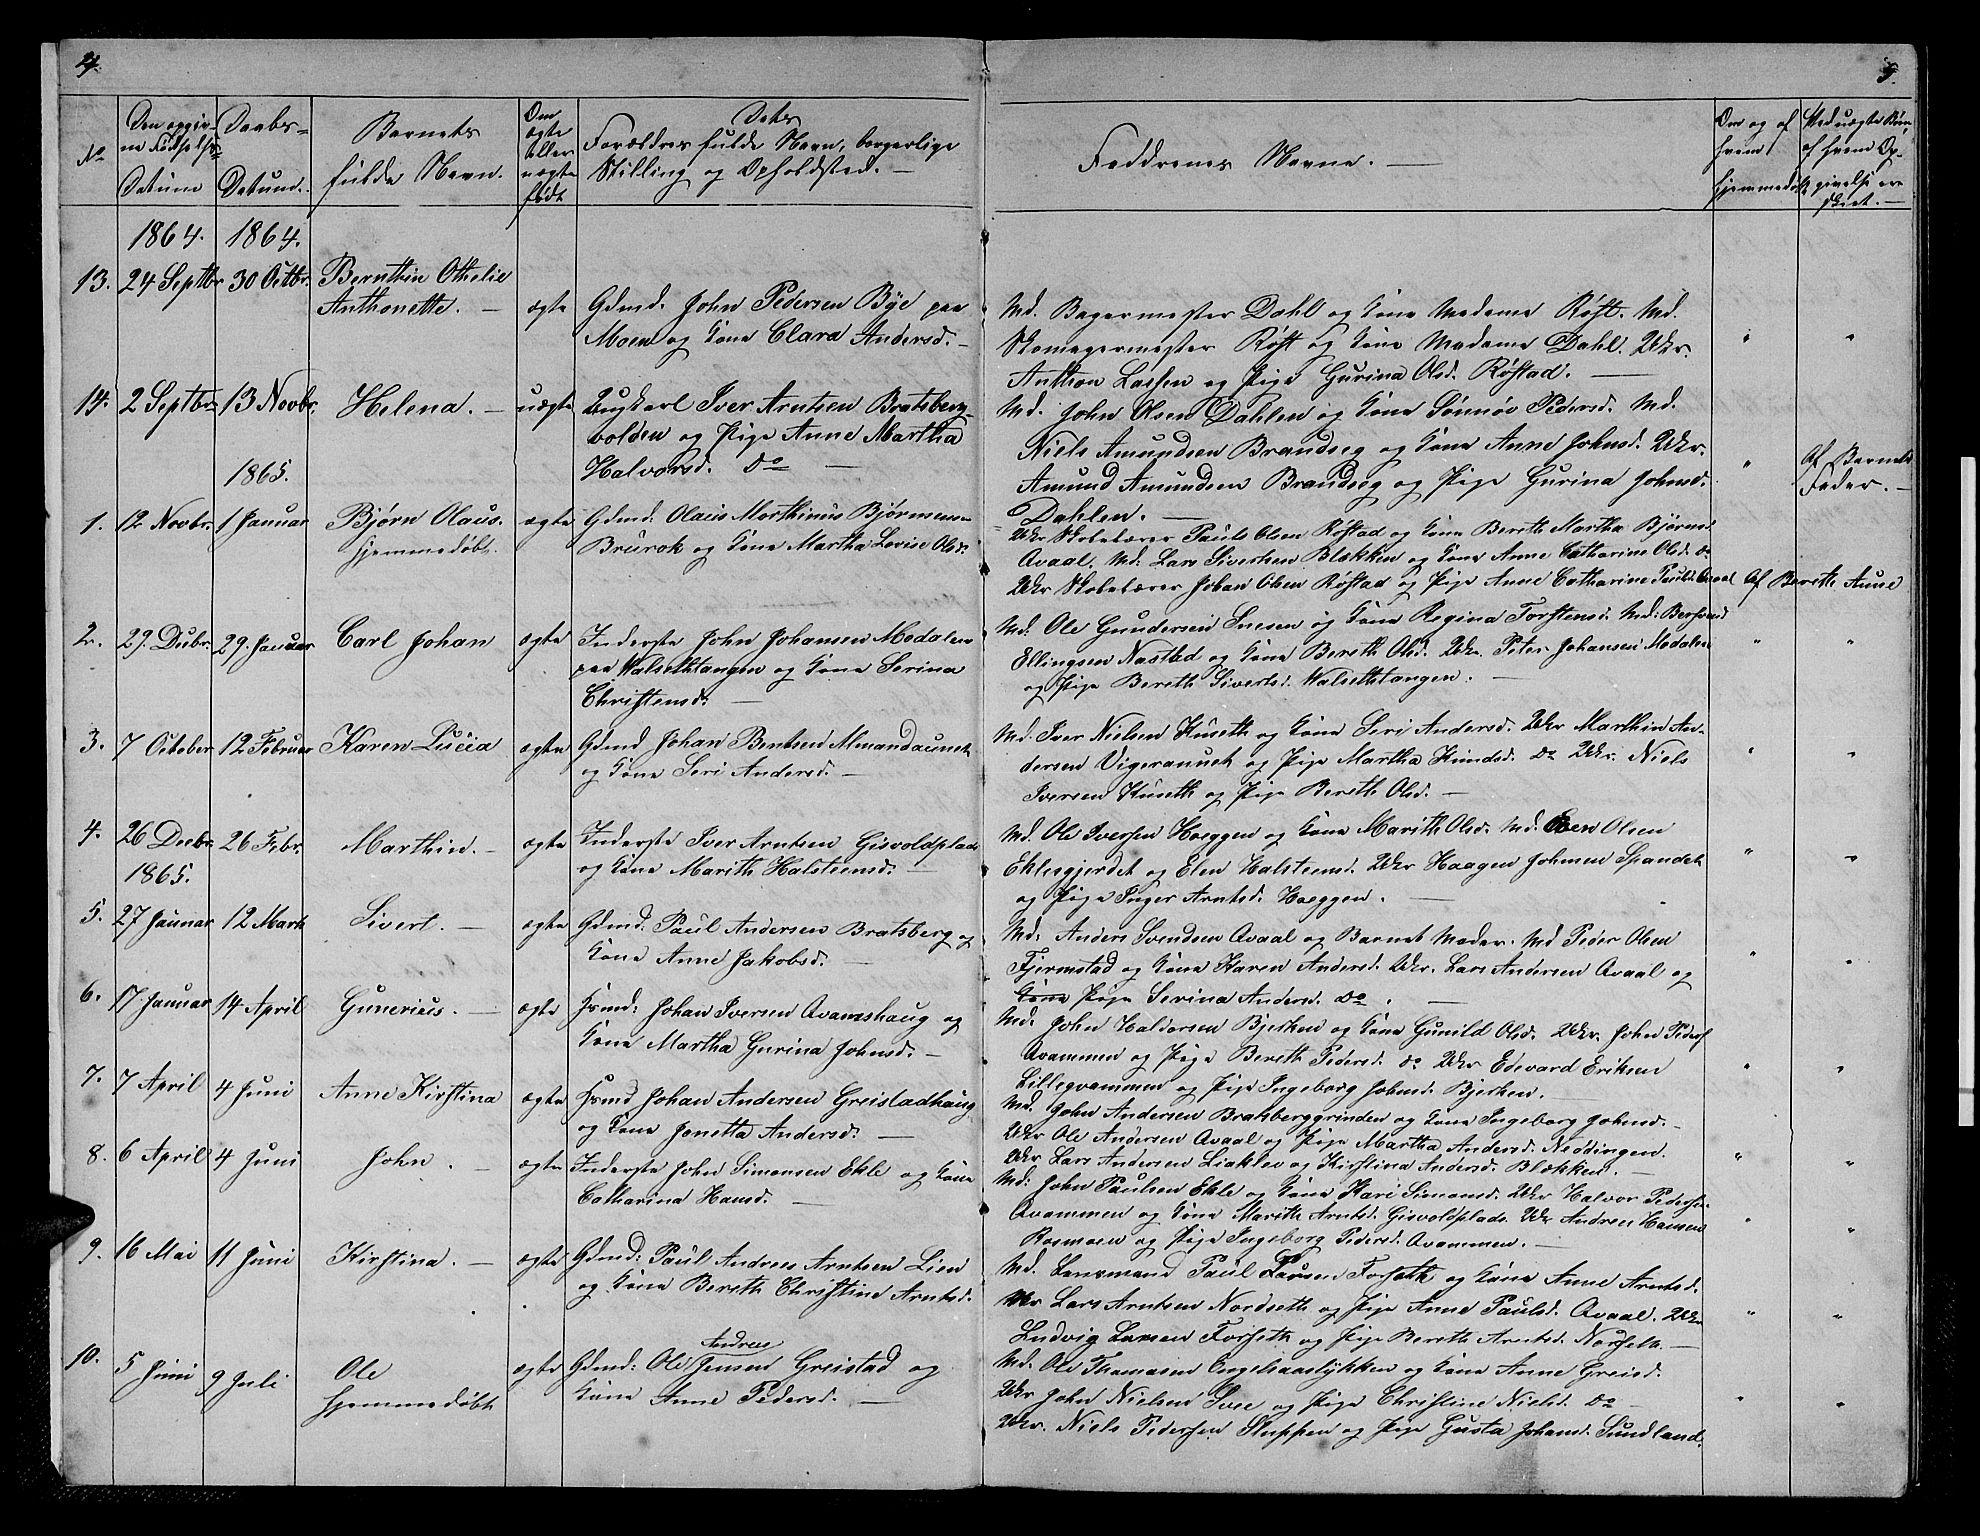 SAT, Ministerialprotokoller, klokkerbøker og fødselsregistre - Sør-Trøndelag, 608/L0340: Klokkerbok nr. 608C06, 1864-1889, s. 4-5